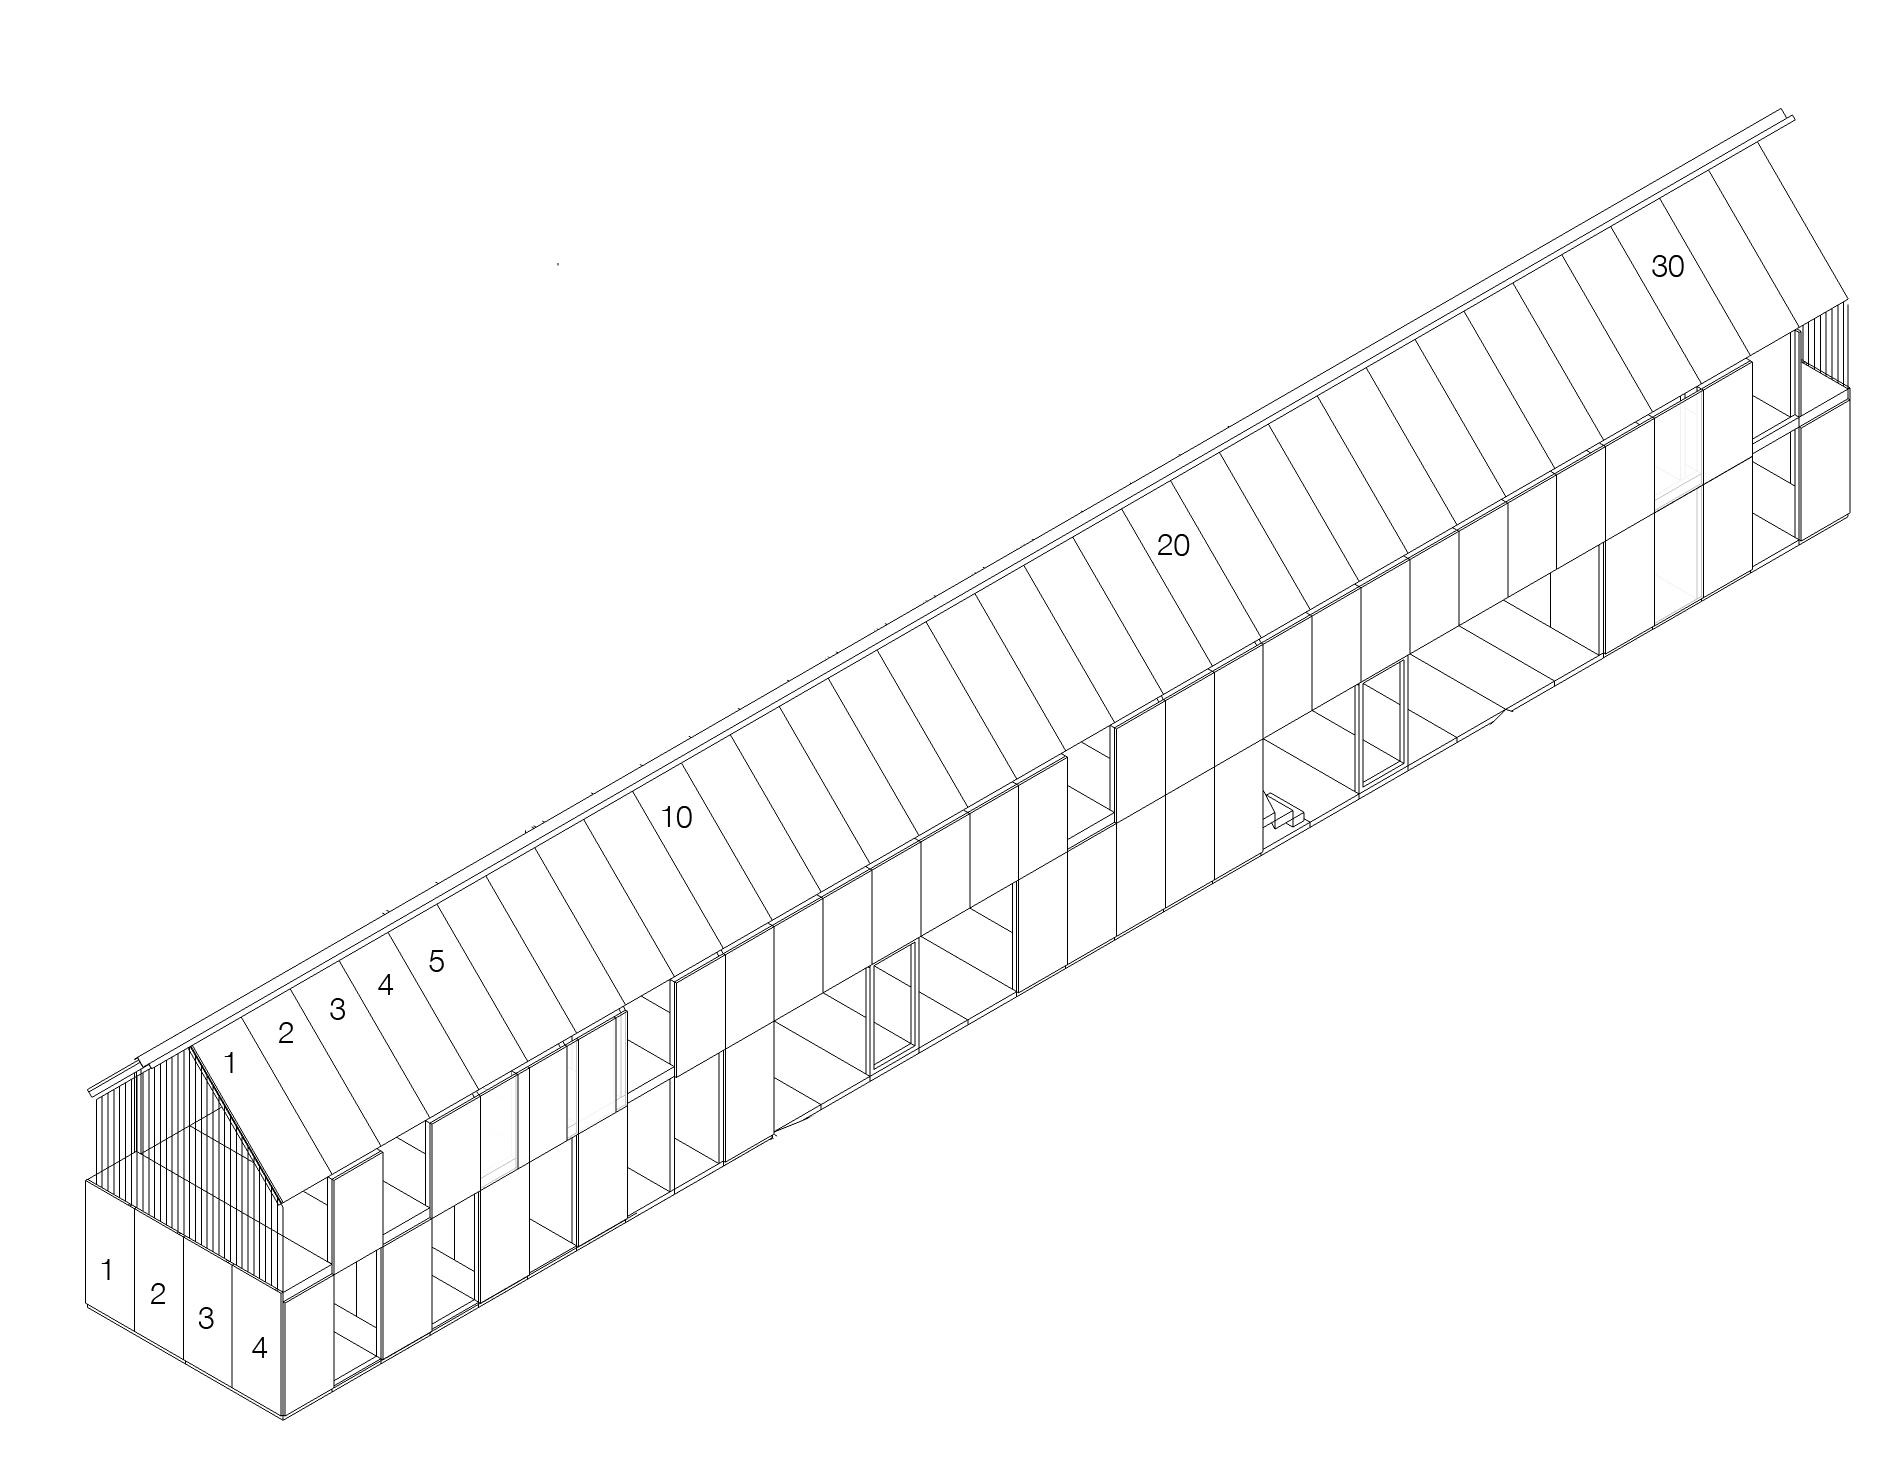 12 Gauge Shotgun Line Drawing